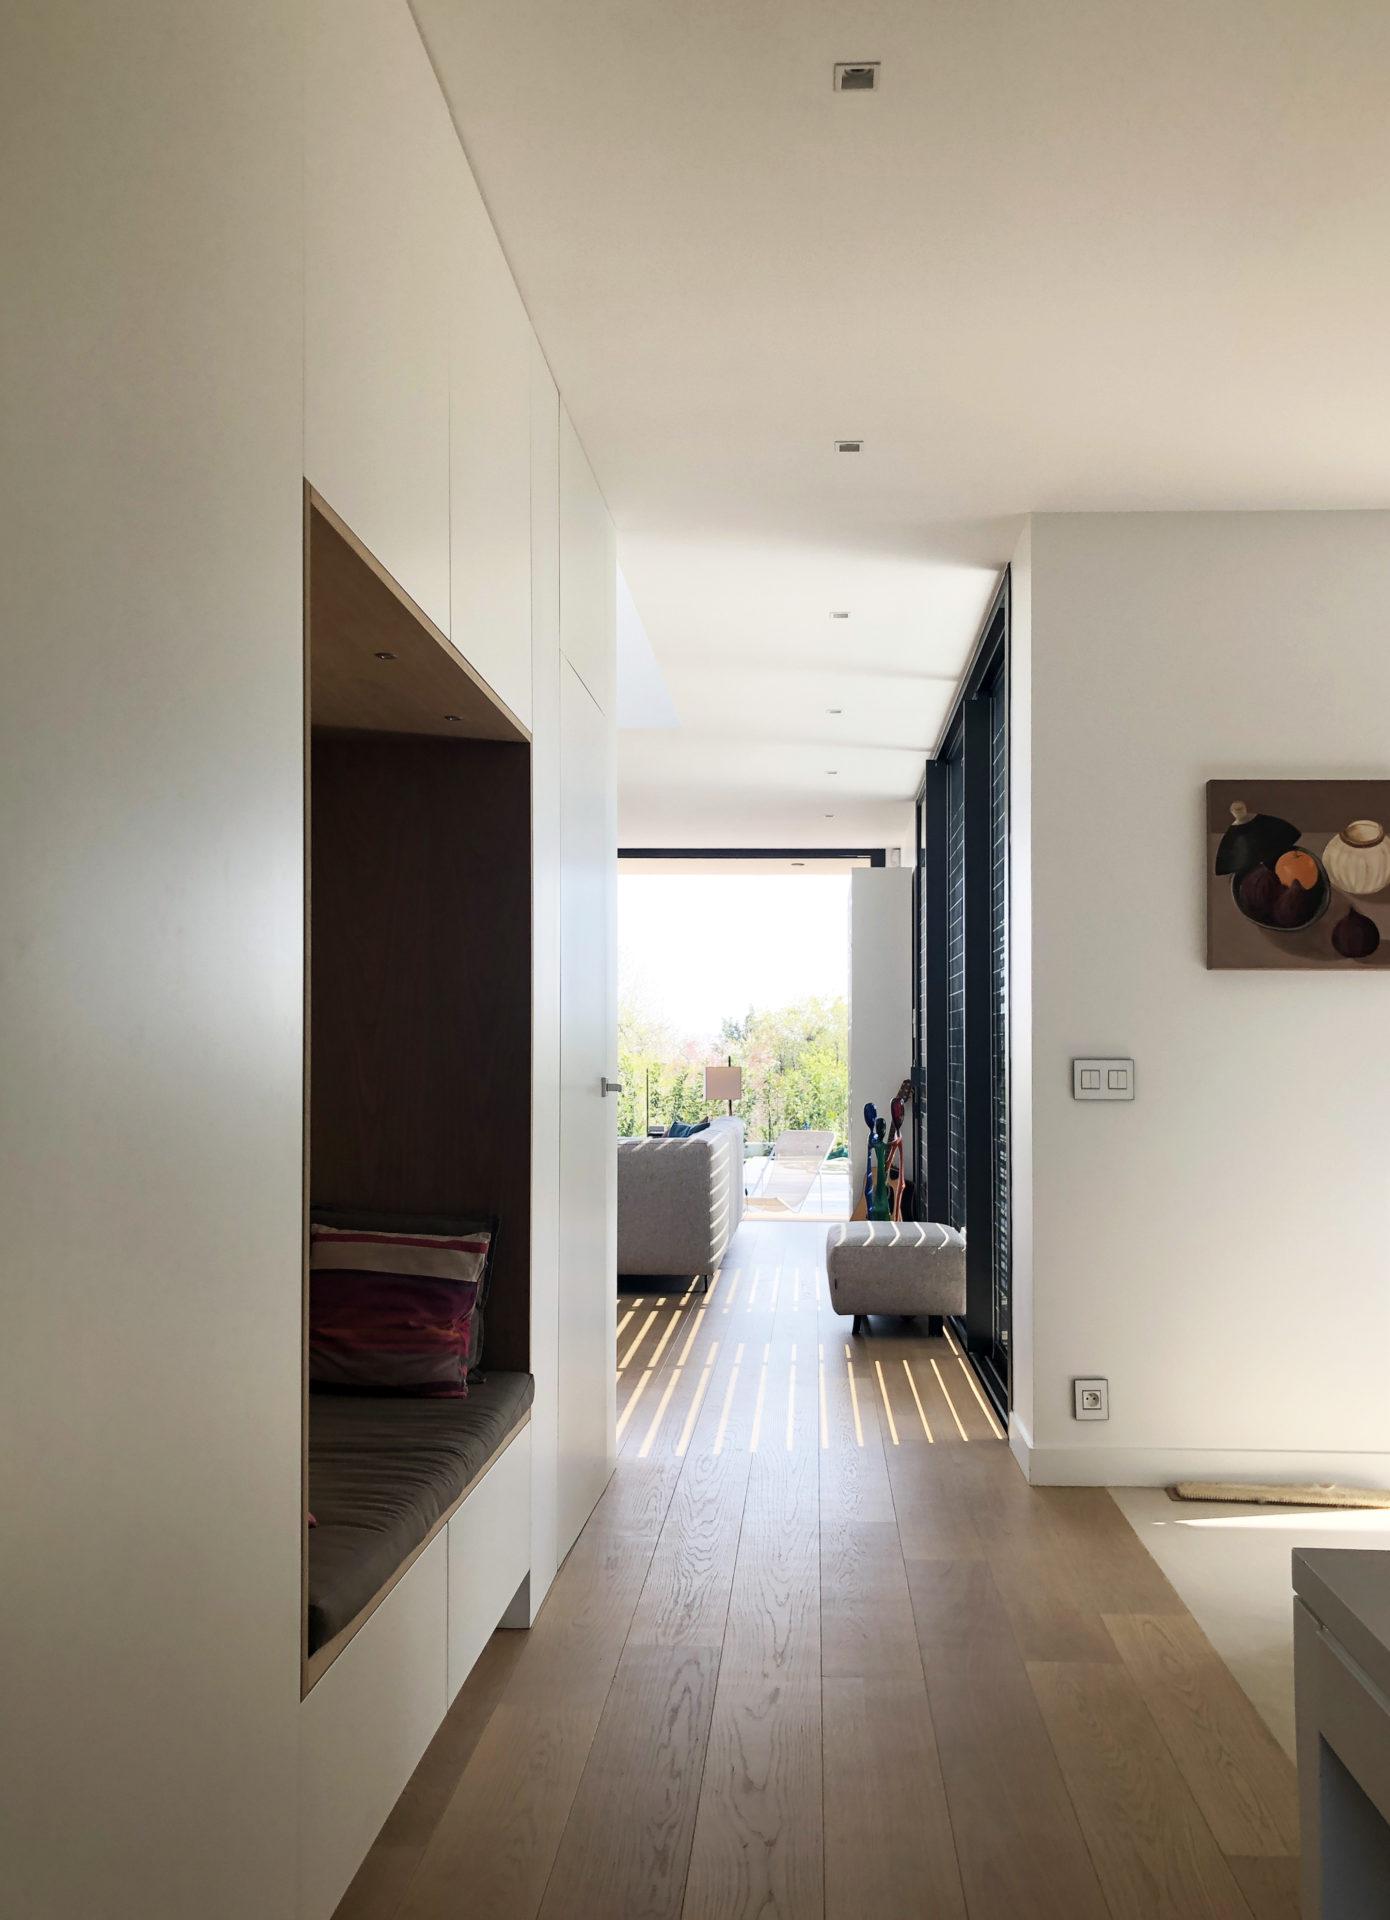 asb-architecture-maison-contemporaine-toiture-terrasse-mobilier intégré niche